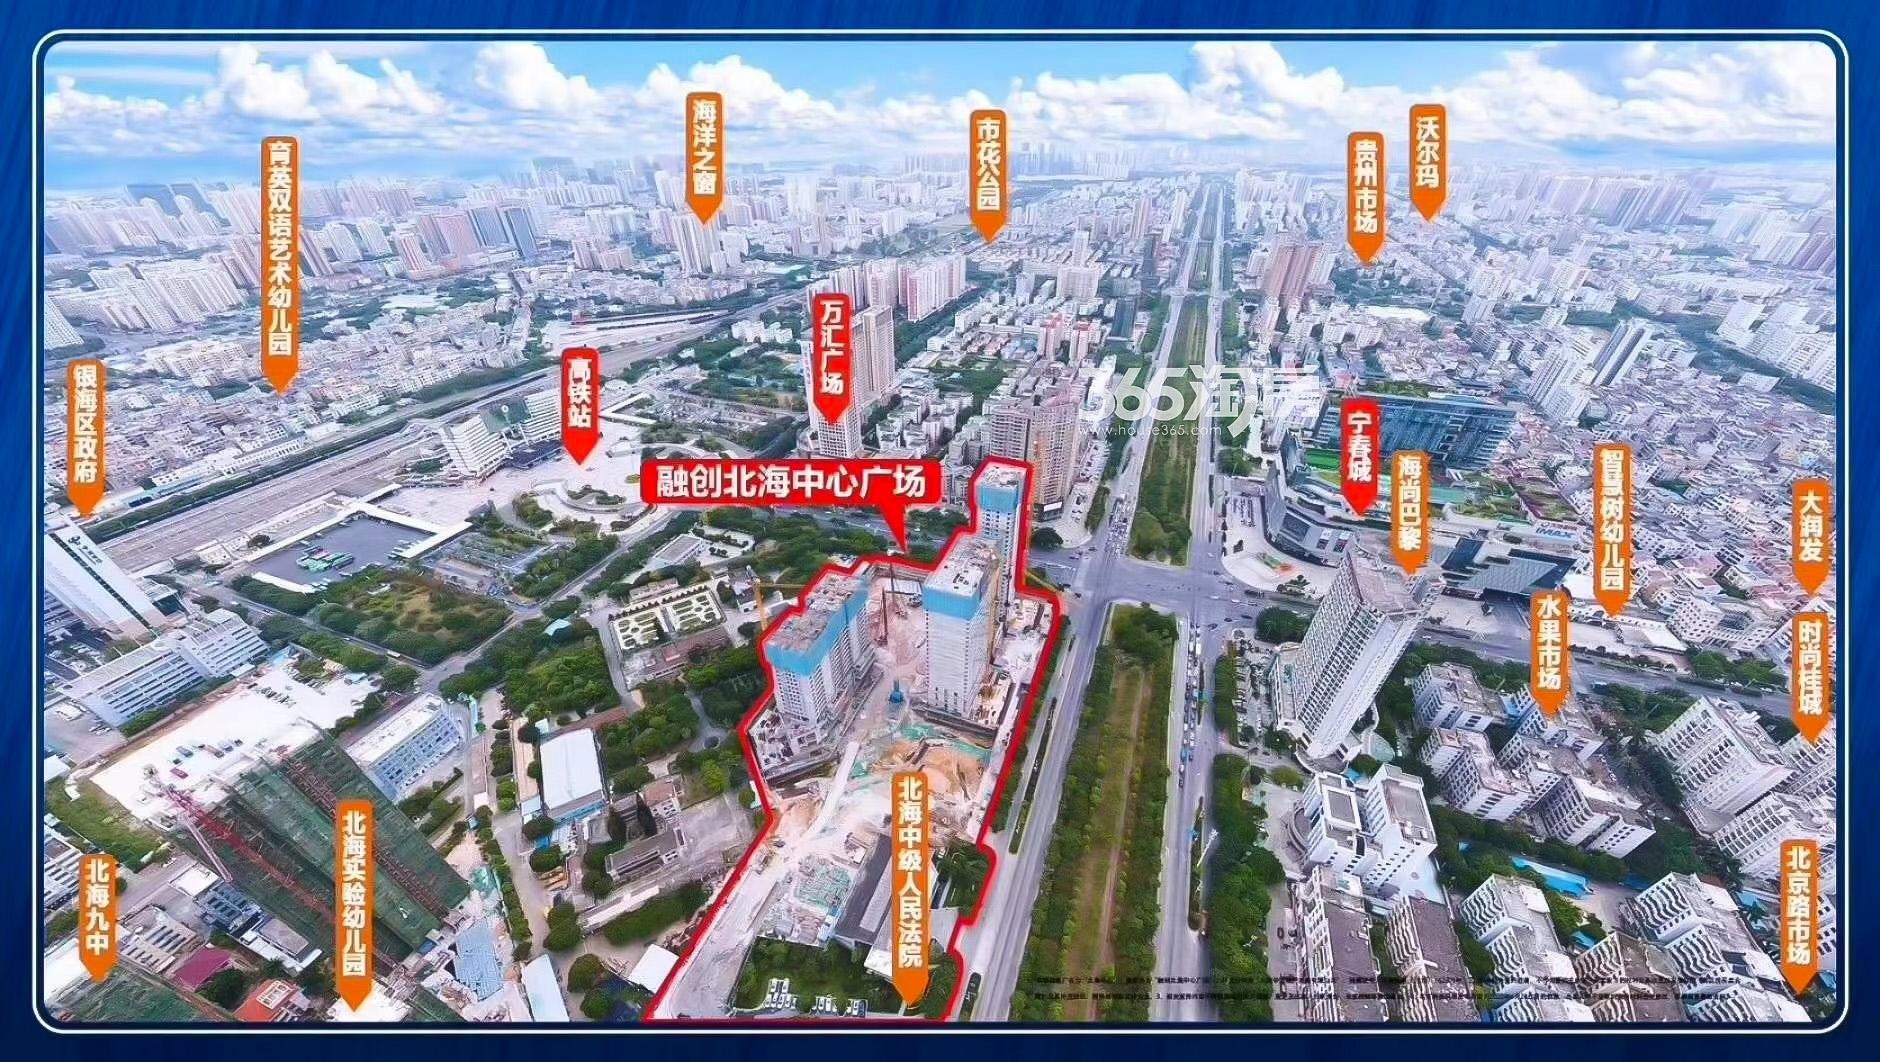 中信国安·北海第一城3号地块鸟瞰图